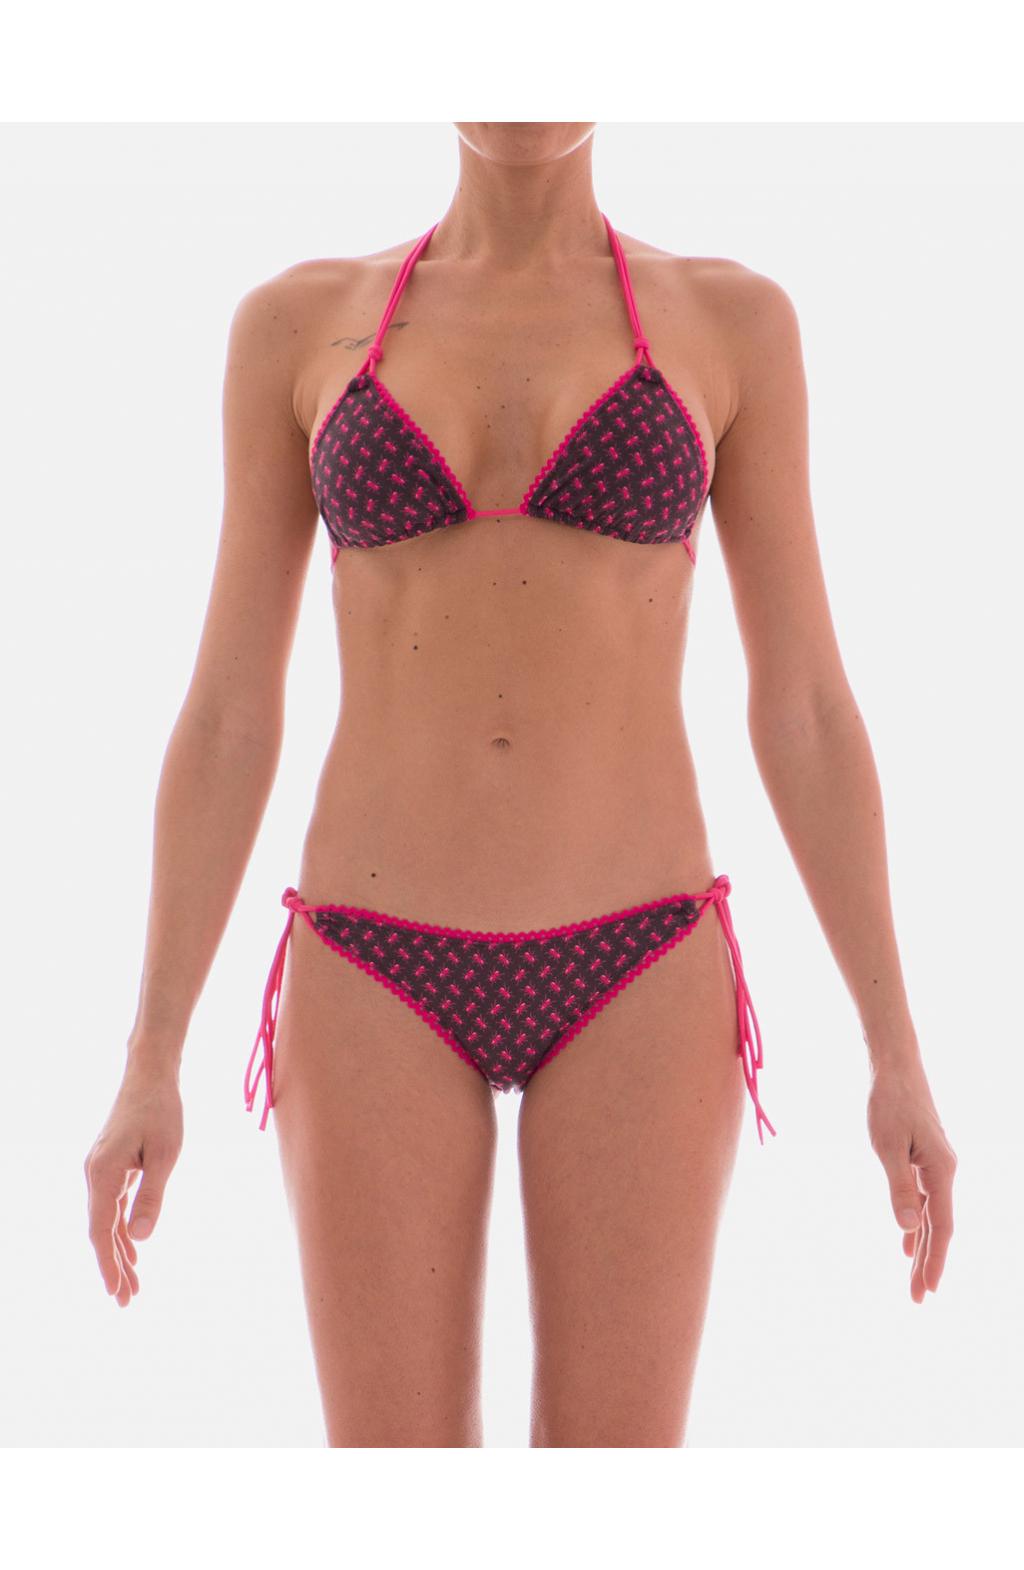 Bikini Triangolo Scorrevole Alcantara Formiche